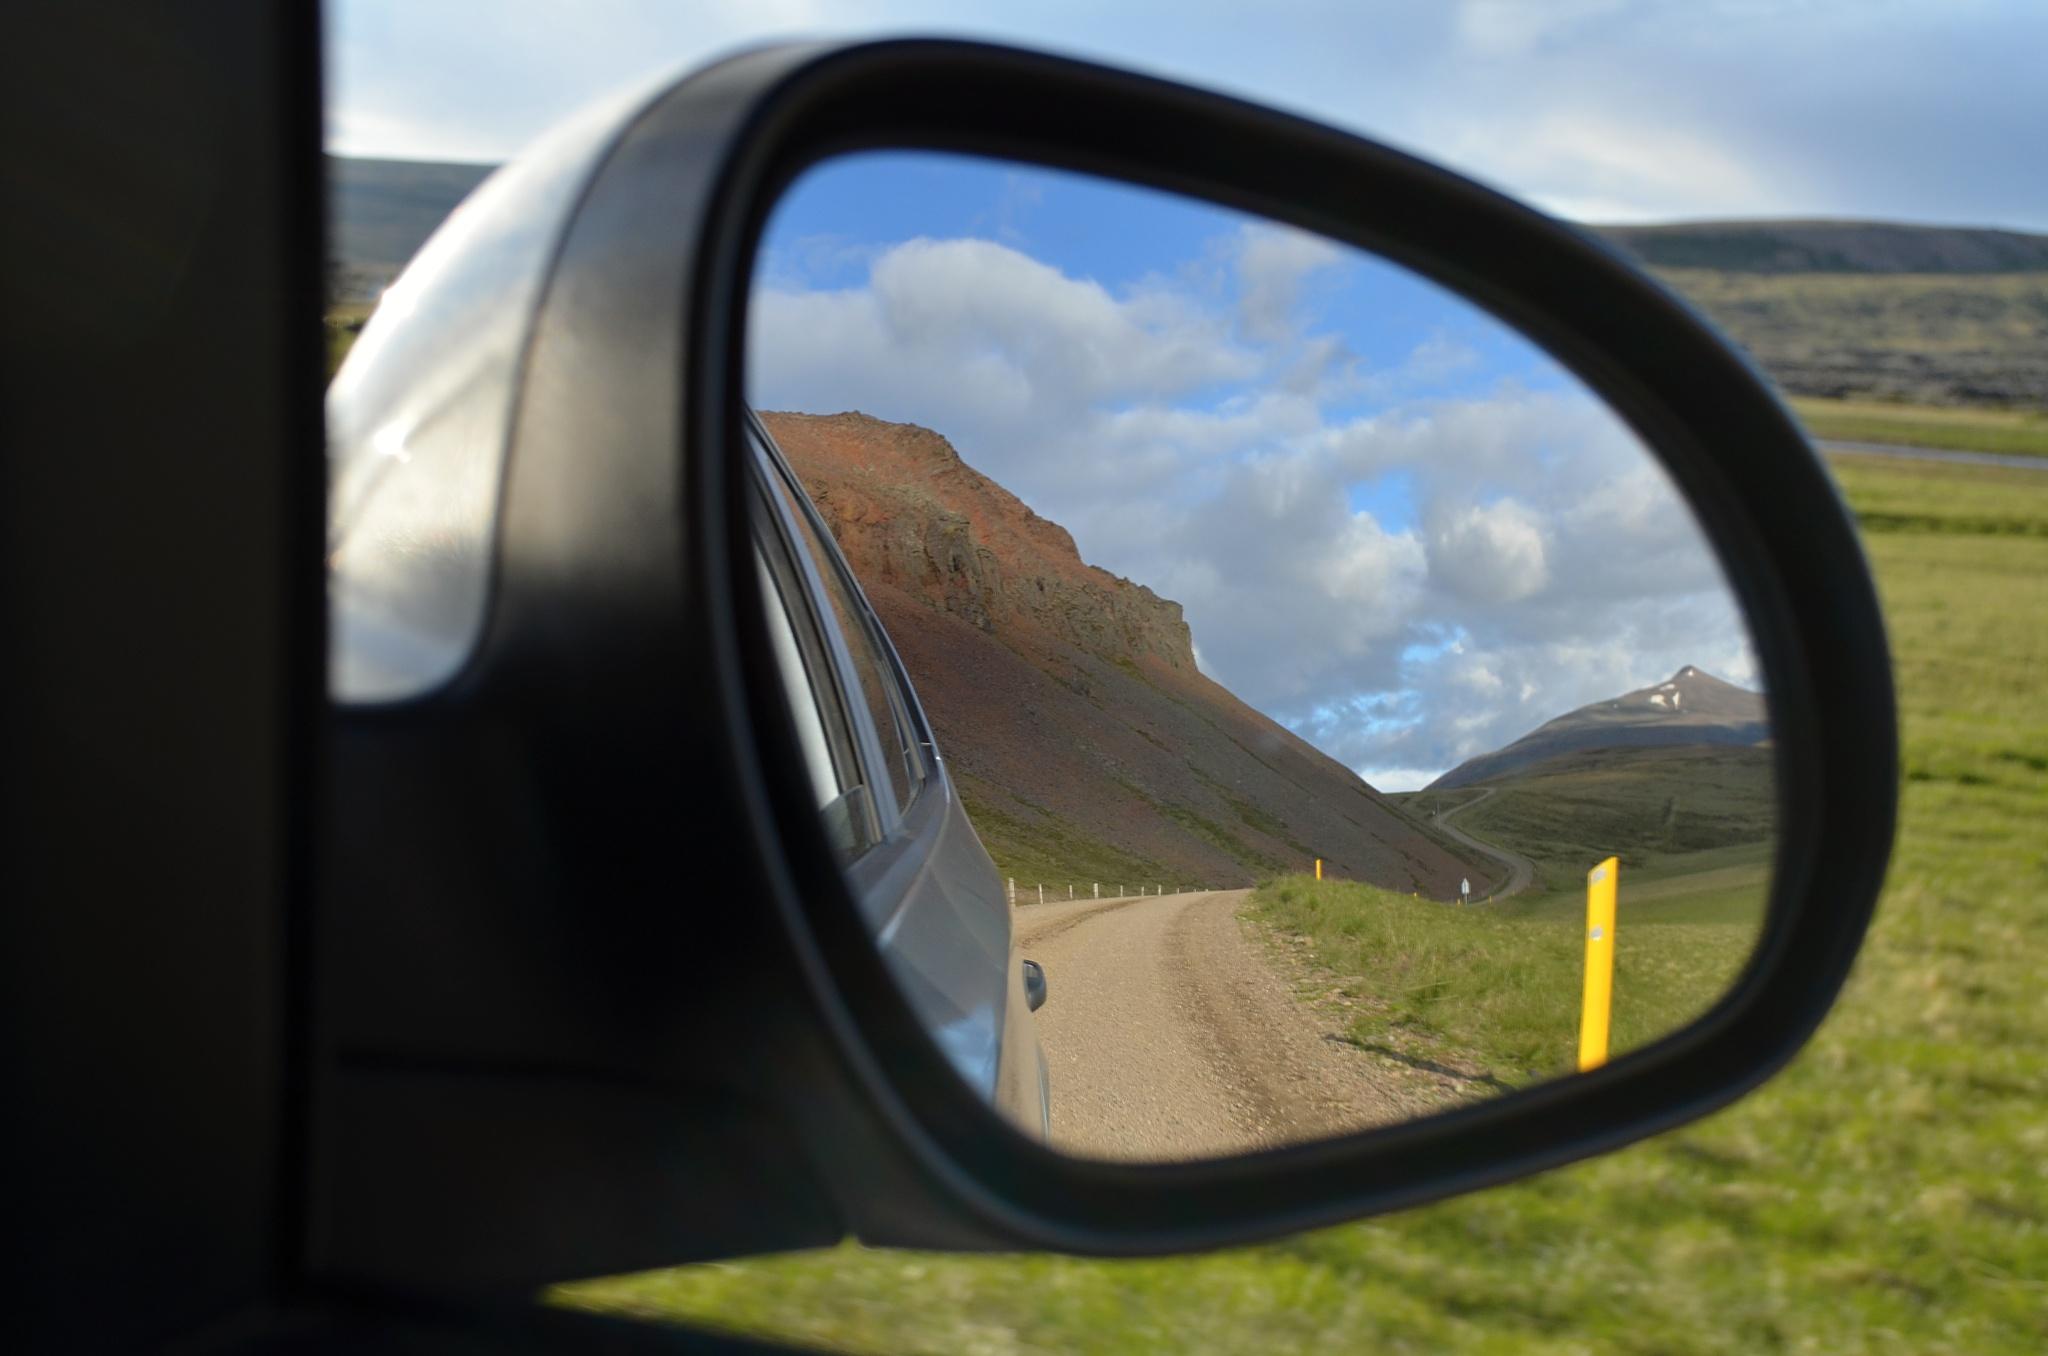 Ubíhající cesta ve zpětném zrcátku